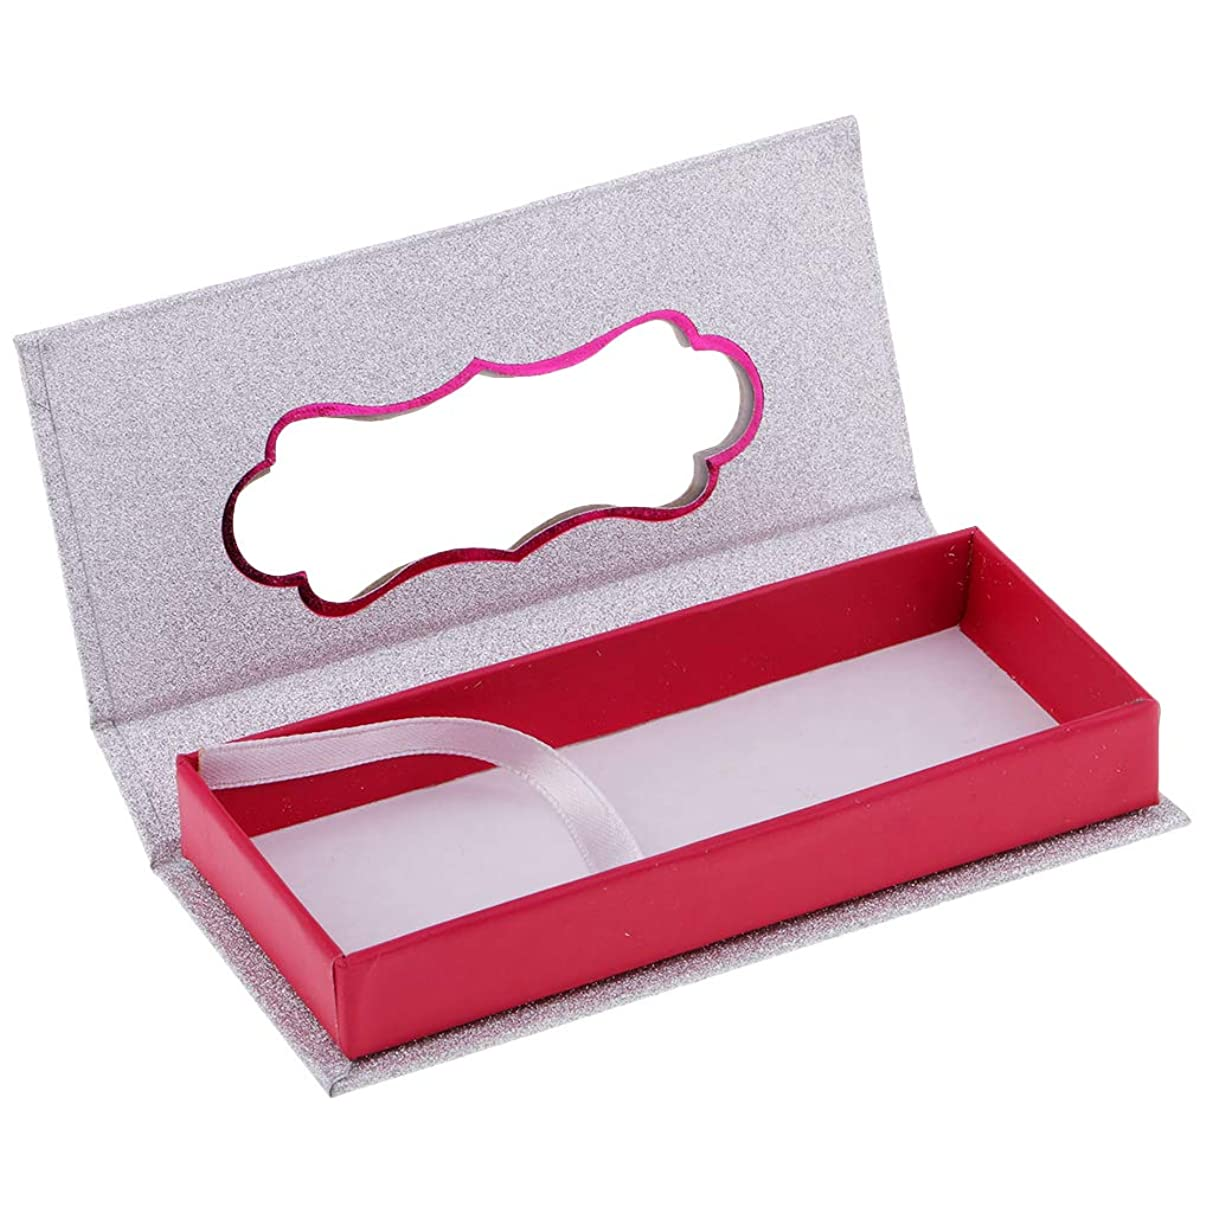 残基どうしたの直接まつ毛ケース 付けまつげ コンテナ 収納ケース ラッシュ 磁気ボックス 3色選べ - 白